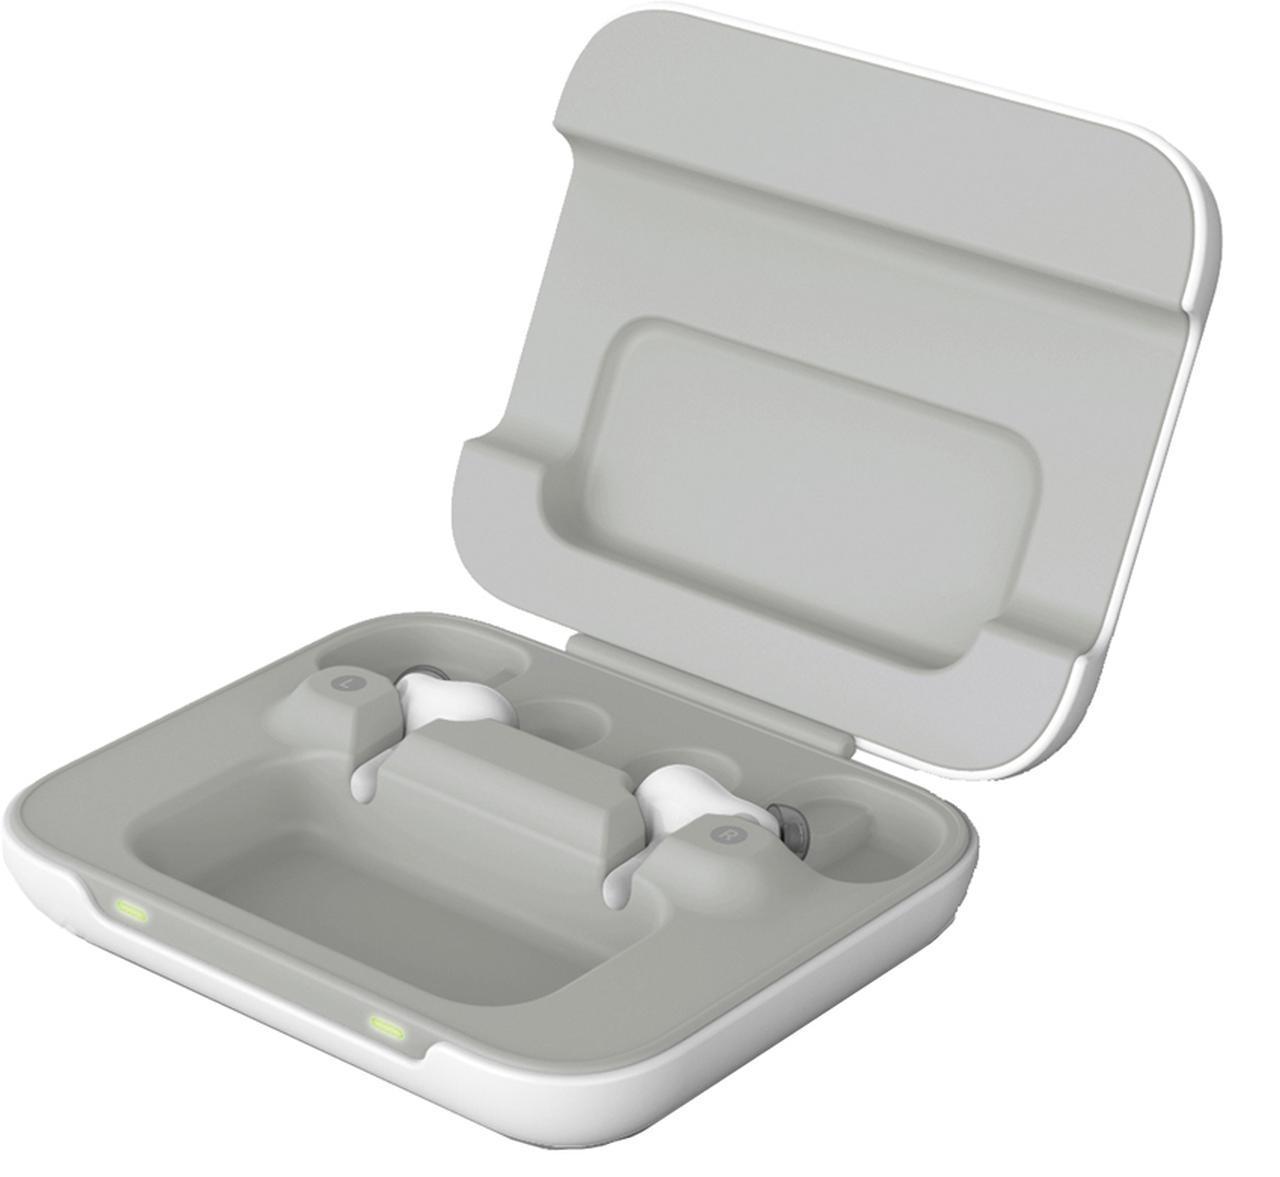 画像: 充電が可能なケースが付属。このほかにキャリングケースも付属する。